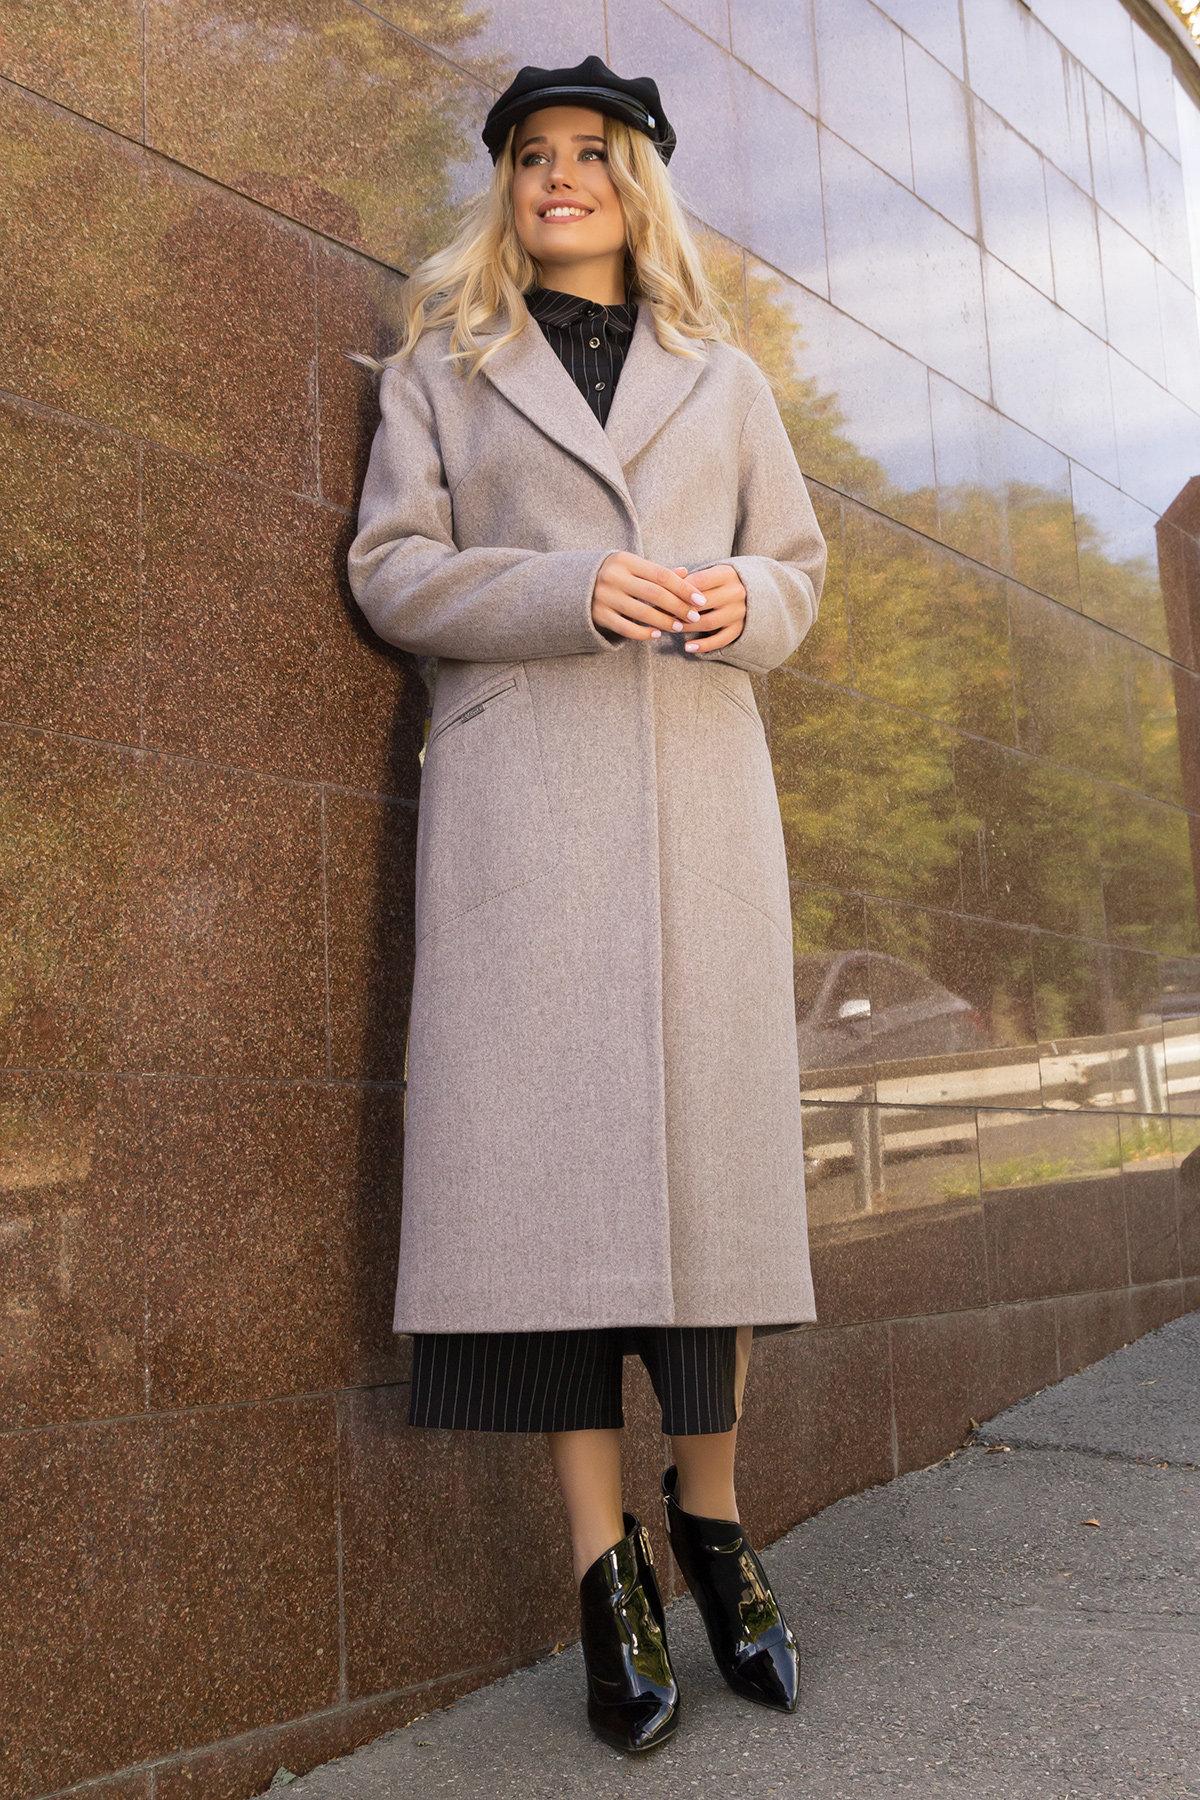 Пальто осенние полуприталенного кроя Ждана лайт макси 6379 Цвет: Капучино 10